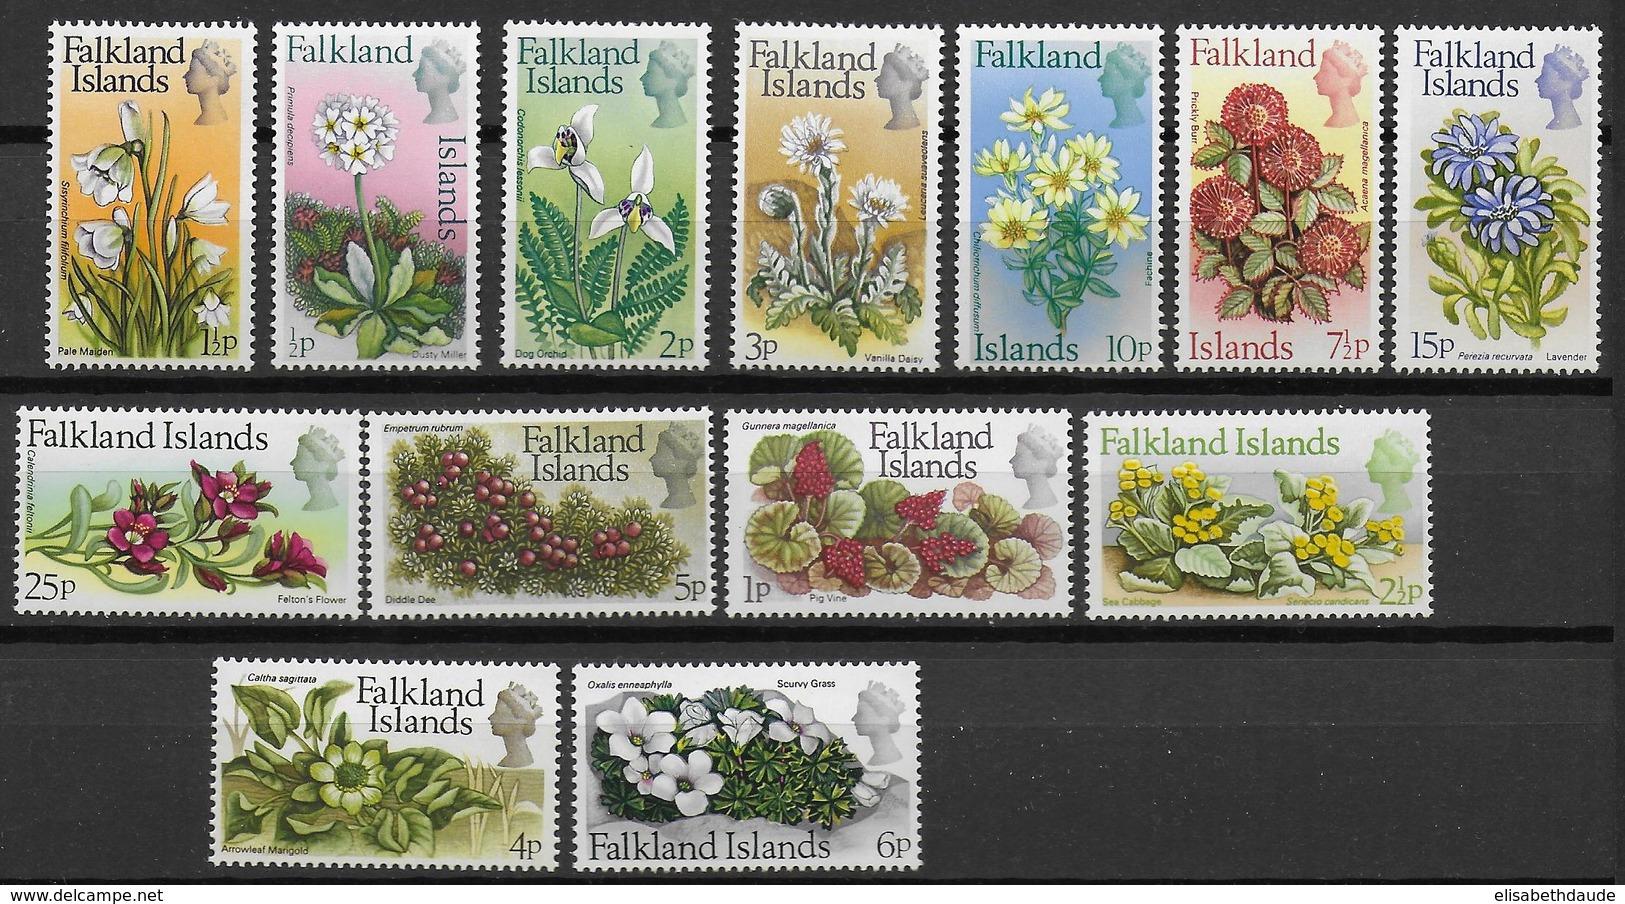 FALKLAND - YVERT N° 204/216 ** MNH - COTE = 80 EUR. - FAUNE ET FLORE - - Falkland